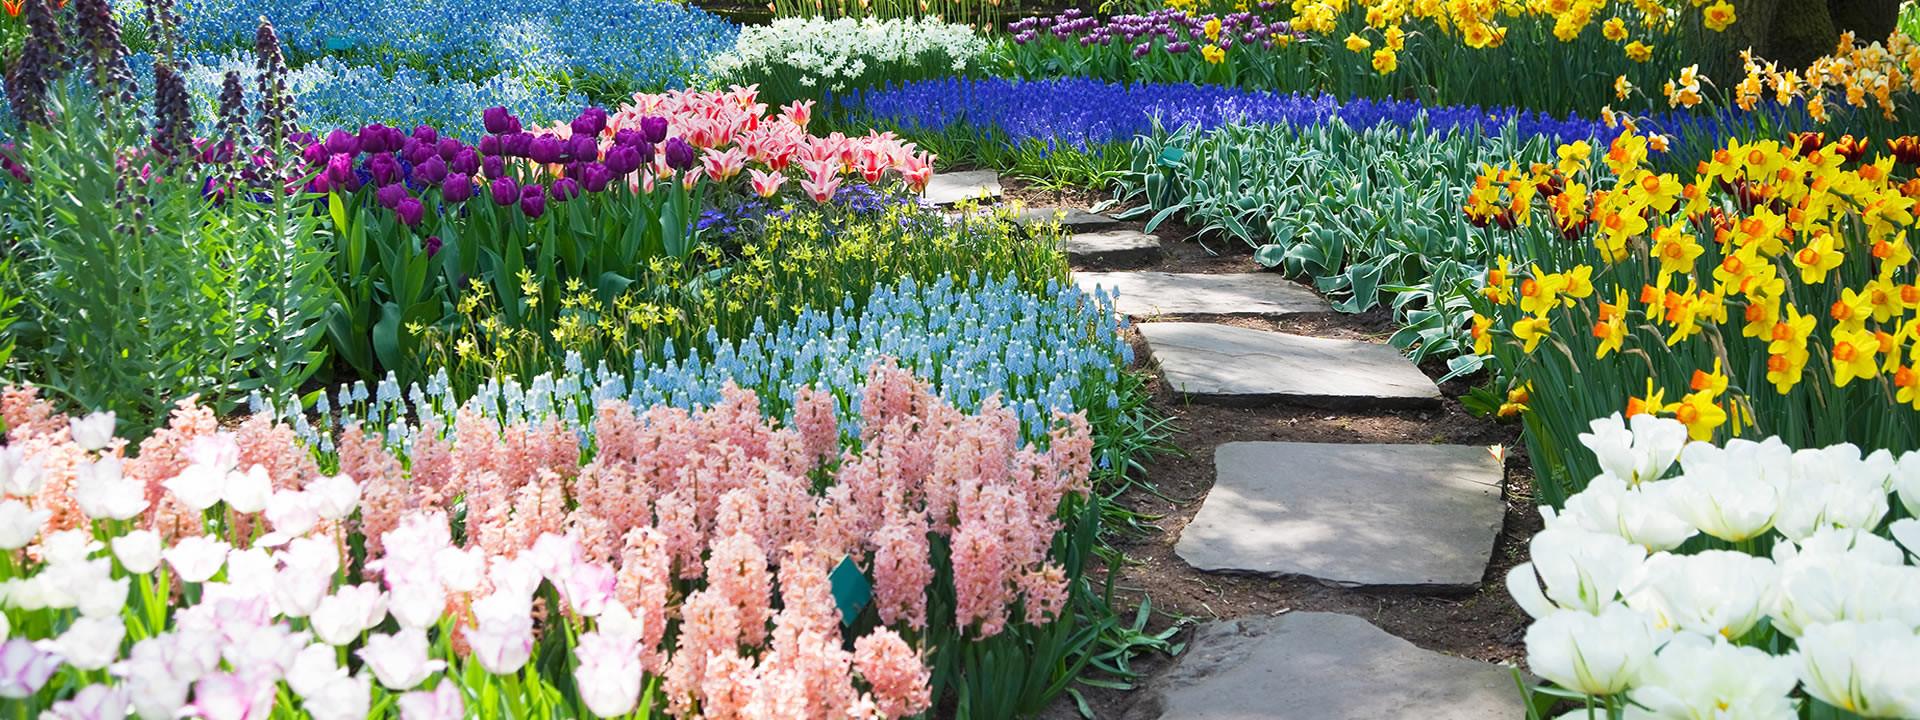 Resources | Athens Memory Gardens